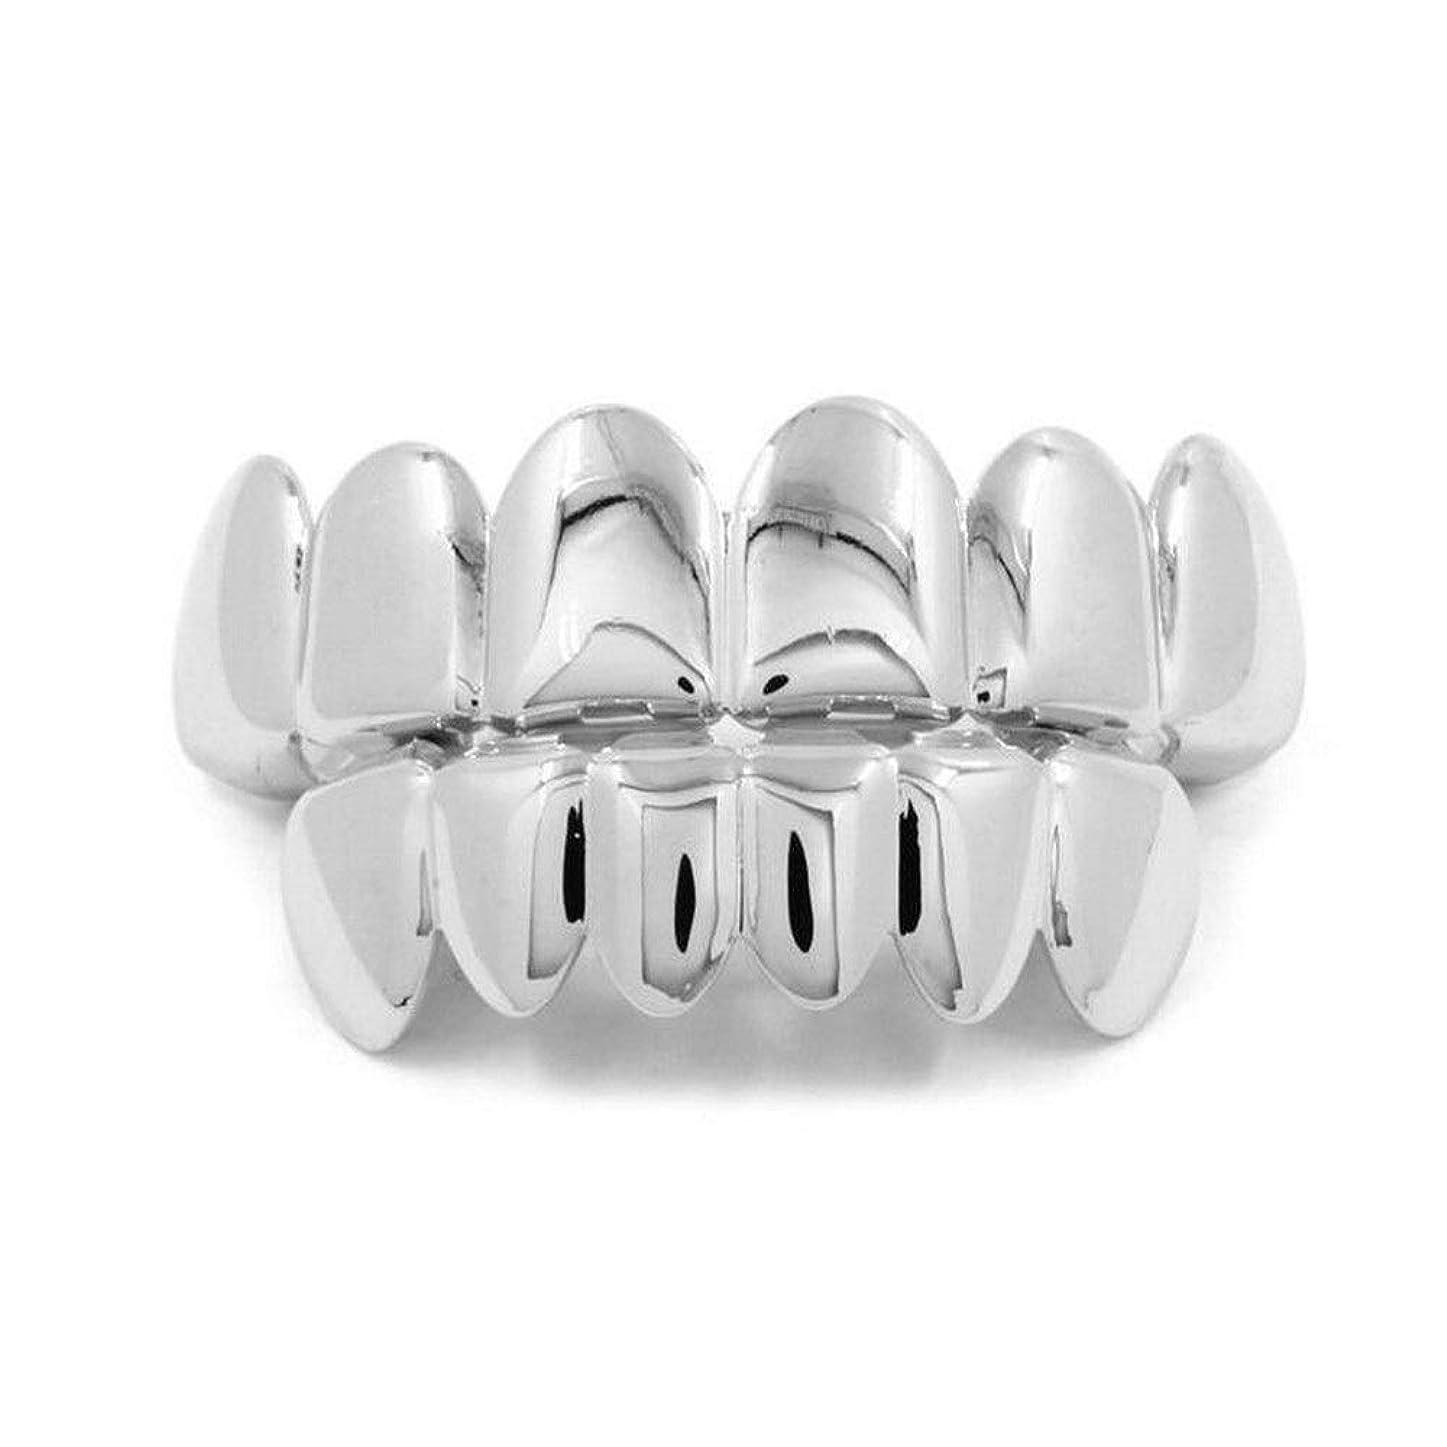 実験をする恵み絶壁ヨーロッパ系アメリカ人INS最もホットなヒップホップの歯キャップ、ゴールド&ブラック&シルバー歯ブレースゴールドプレート口の歯 (Color : Silver)